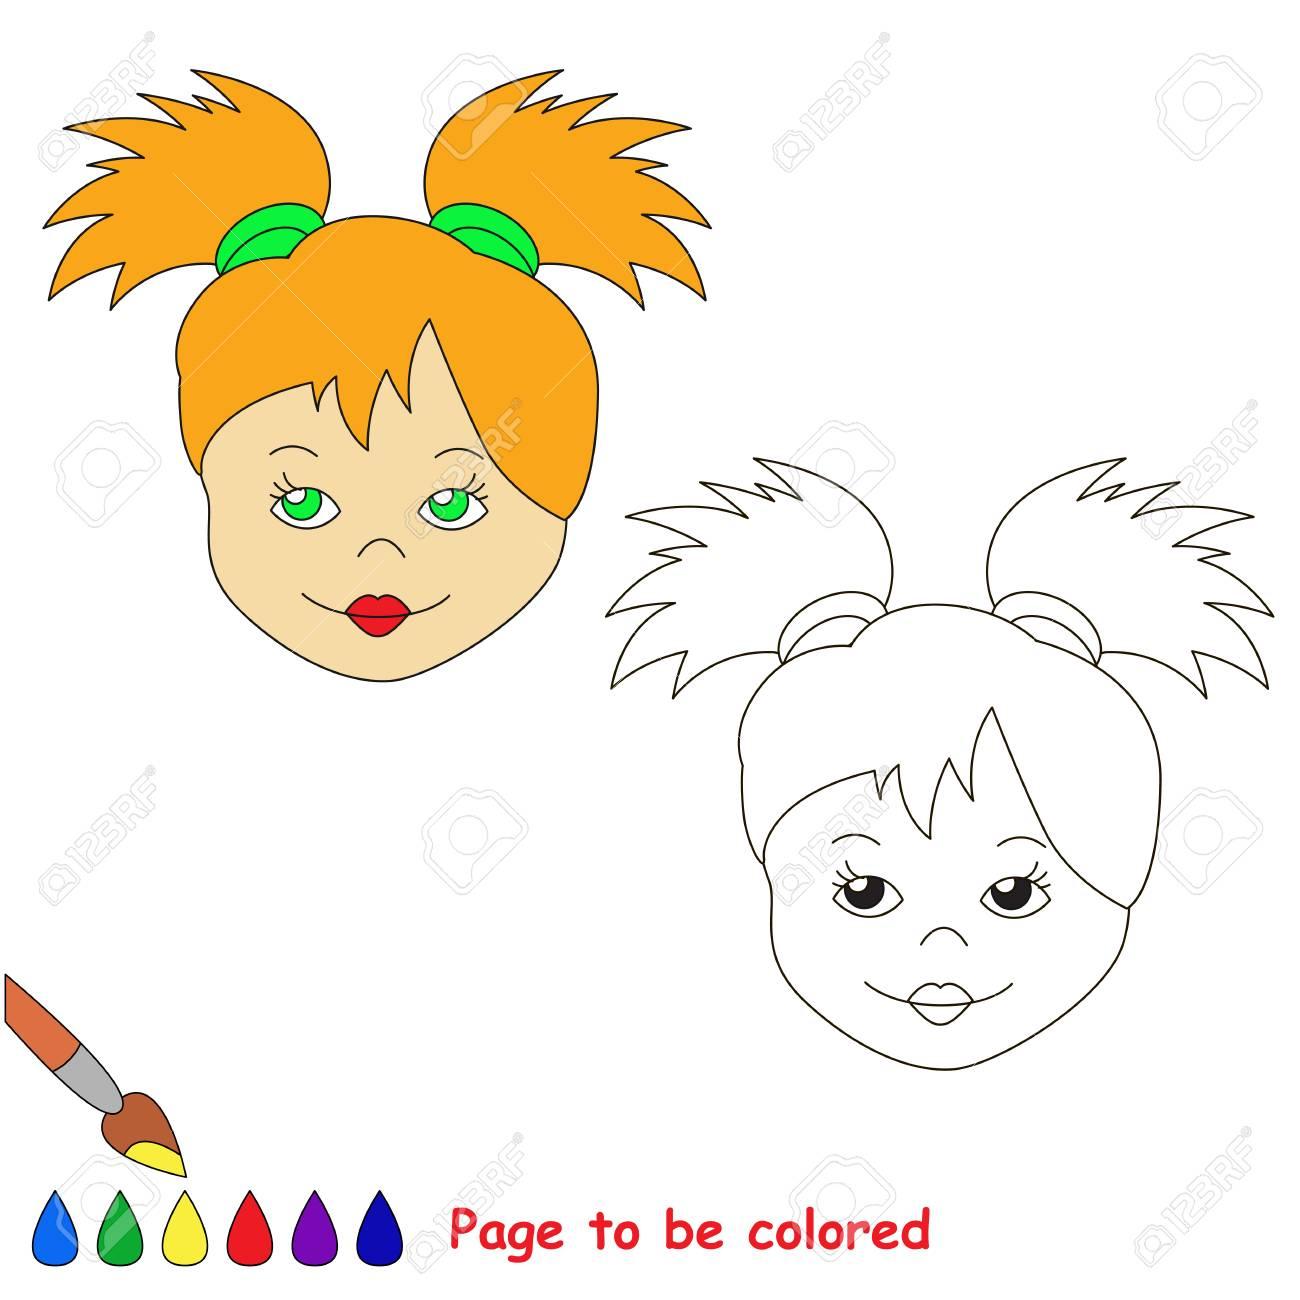 Le Visage De Poupée À Colorier, Le Livre De Coloriage Pour Les Enfants  D'âge Préscolaire Avec Un Niveau De Jeu Éducatif Facile. encequiconcerne Visage À Colorier